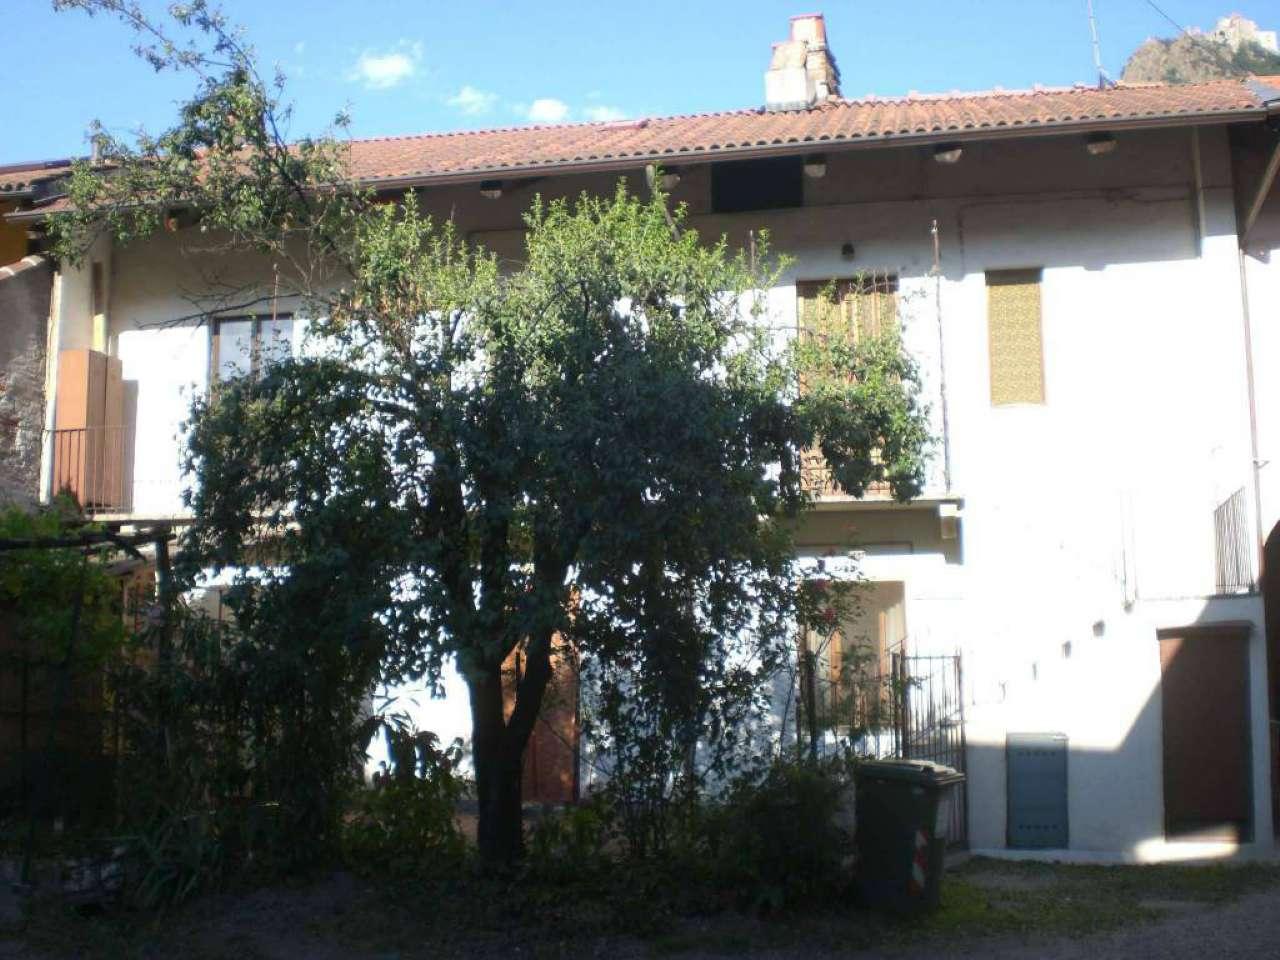 Soluzione Semindipendente in affitto a Chiusa di San Michele, 3 locali, prezzo € 320 | PortaleAgenzieImmobiliari.it